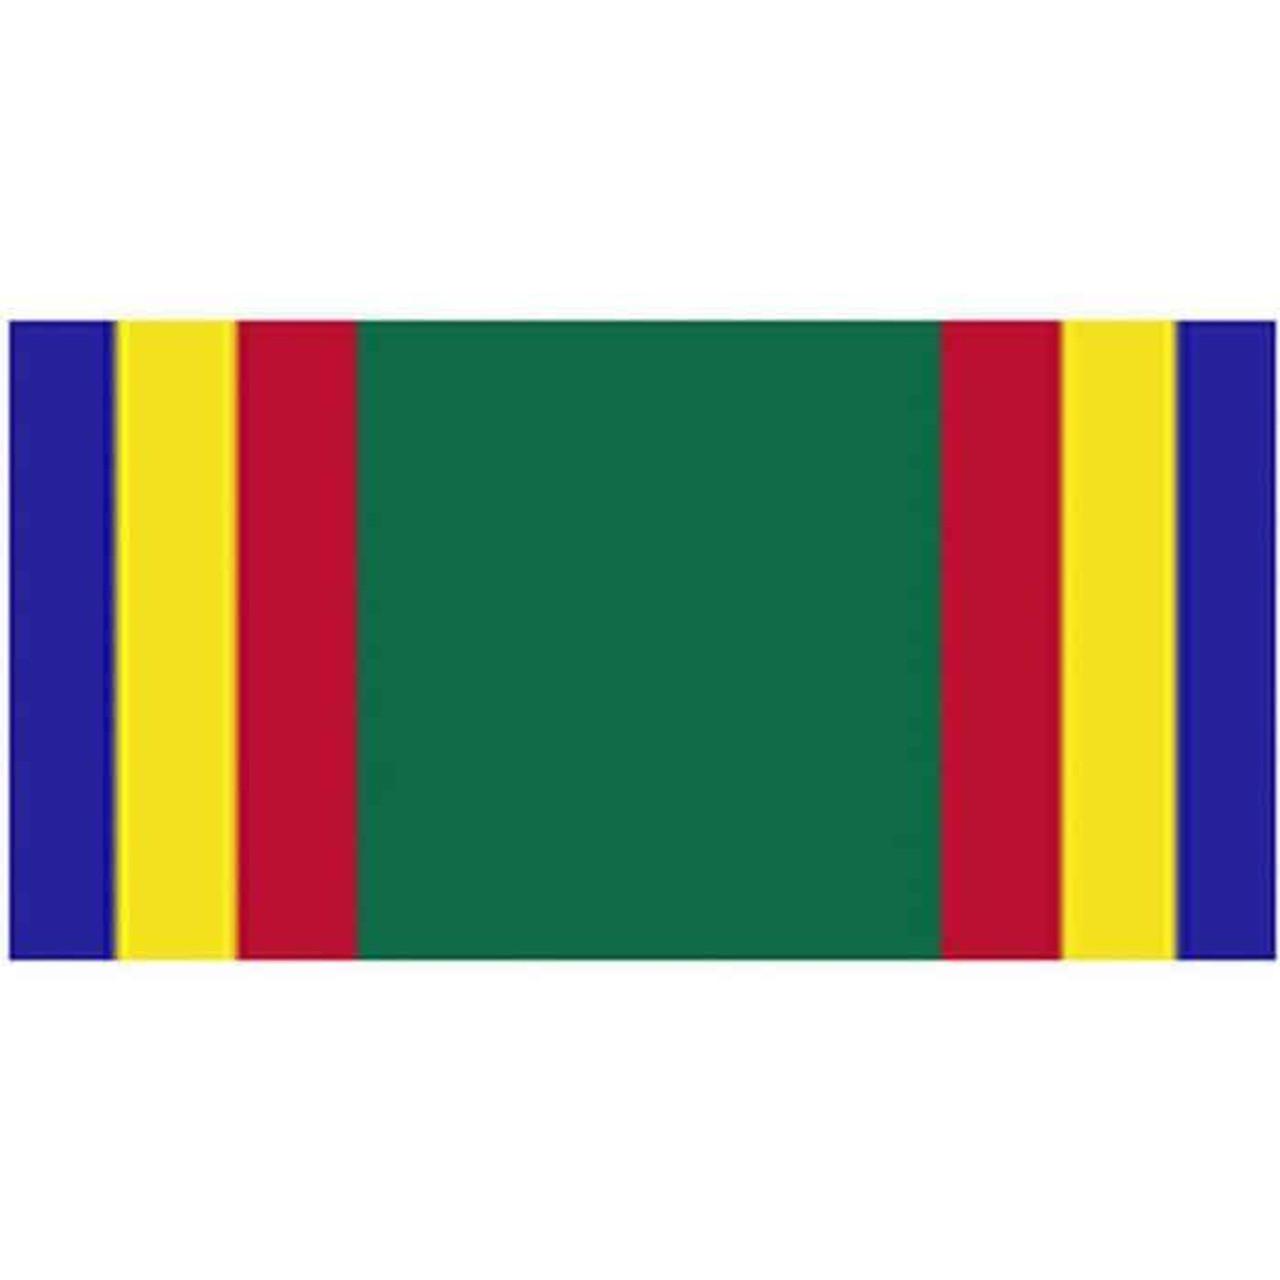 Navy Unit Commendation Streamer